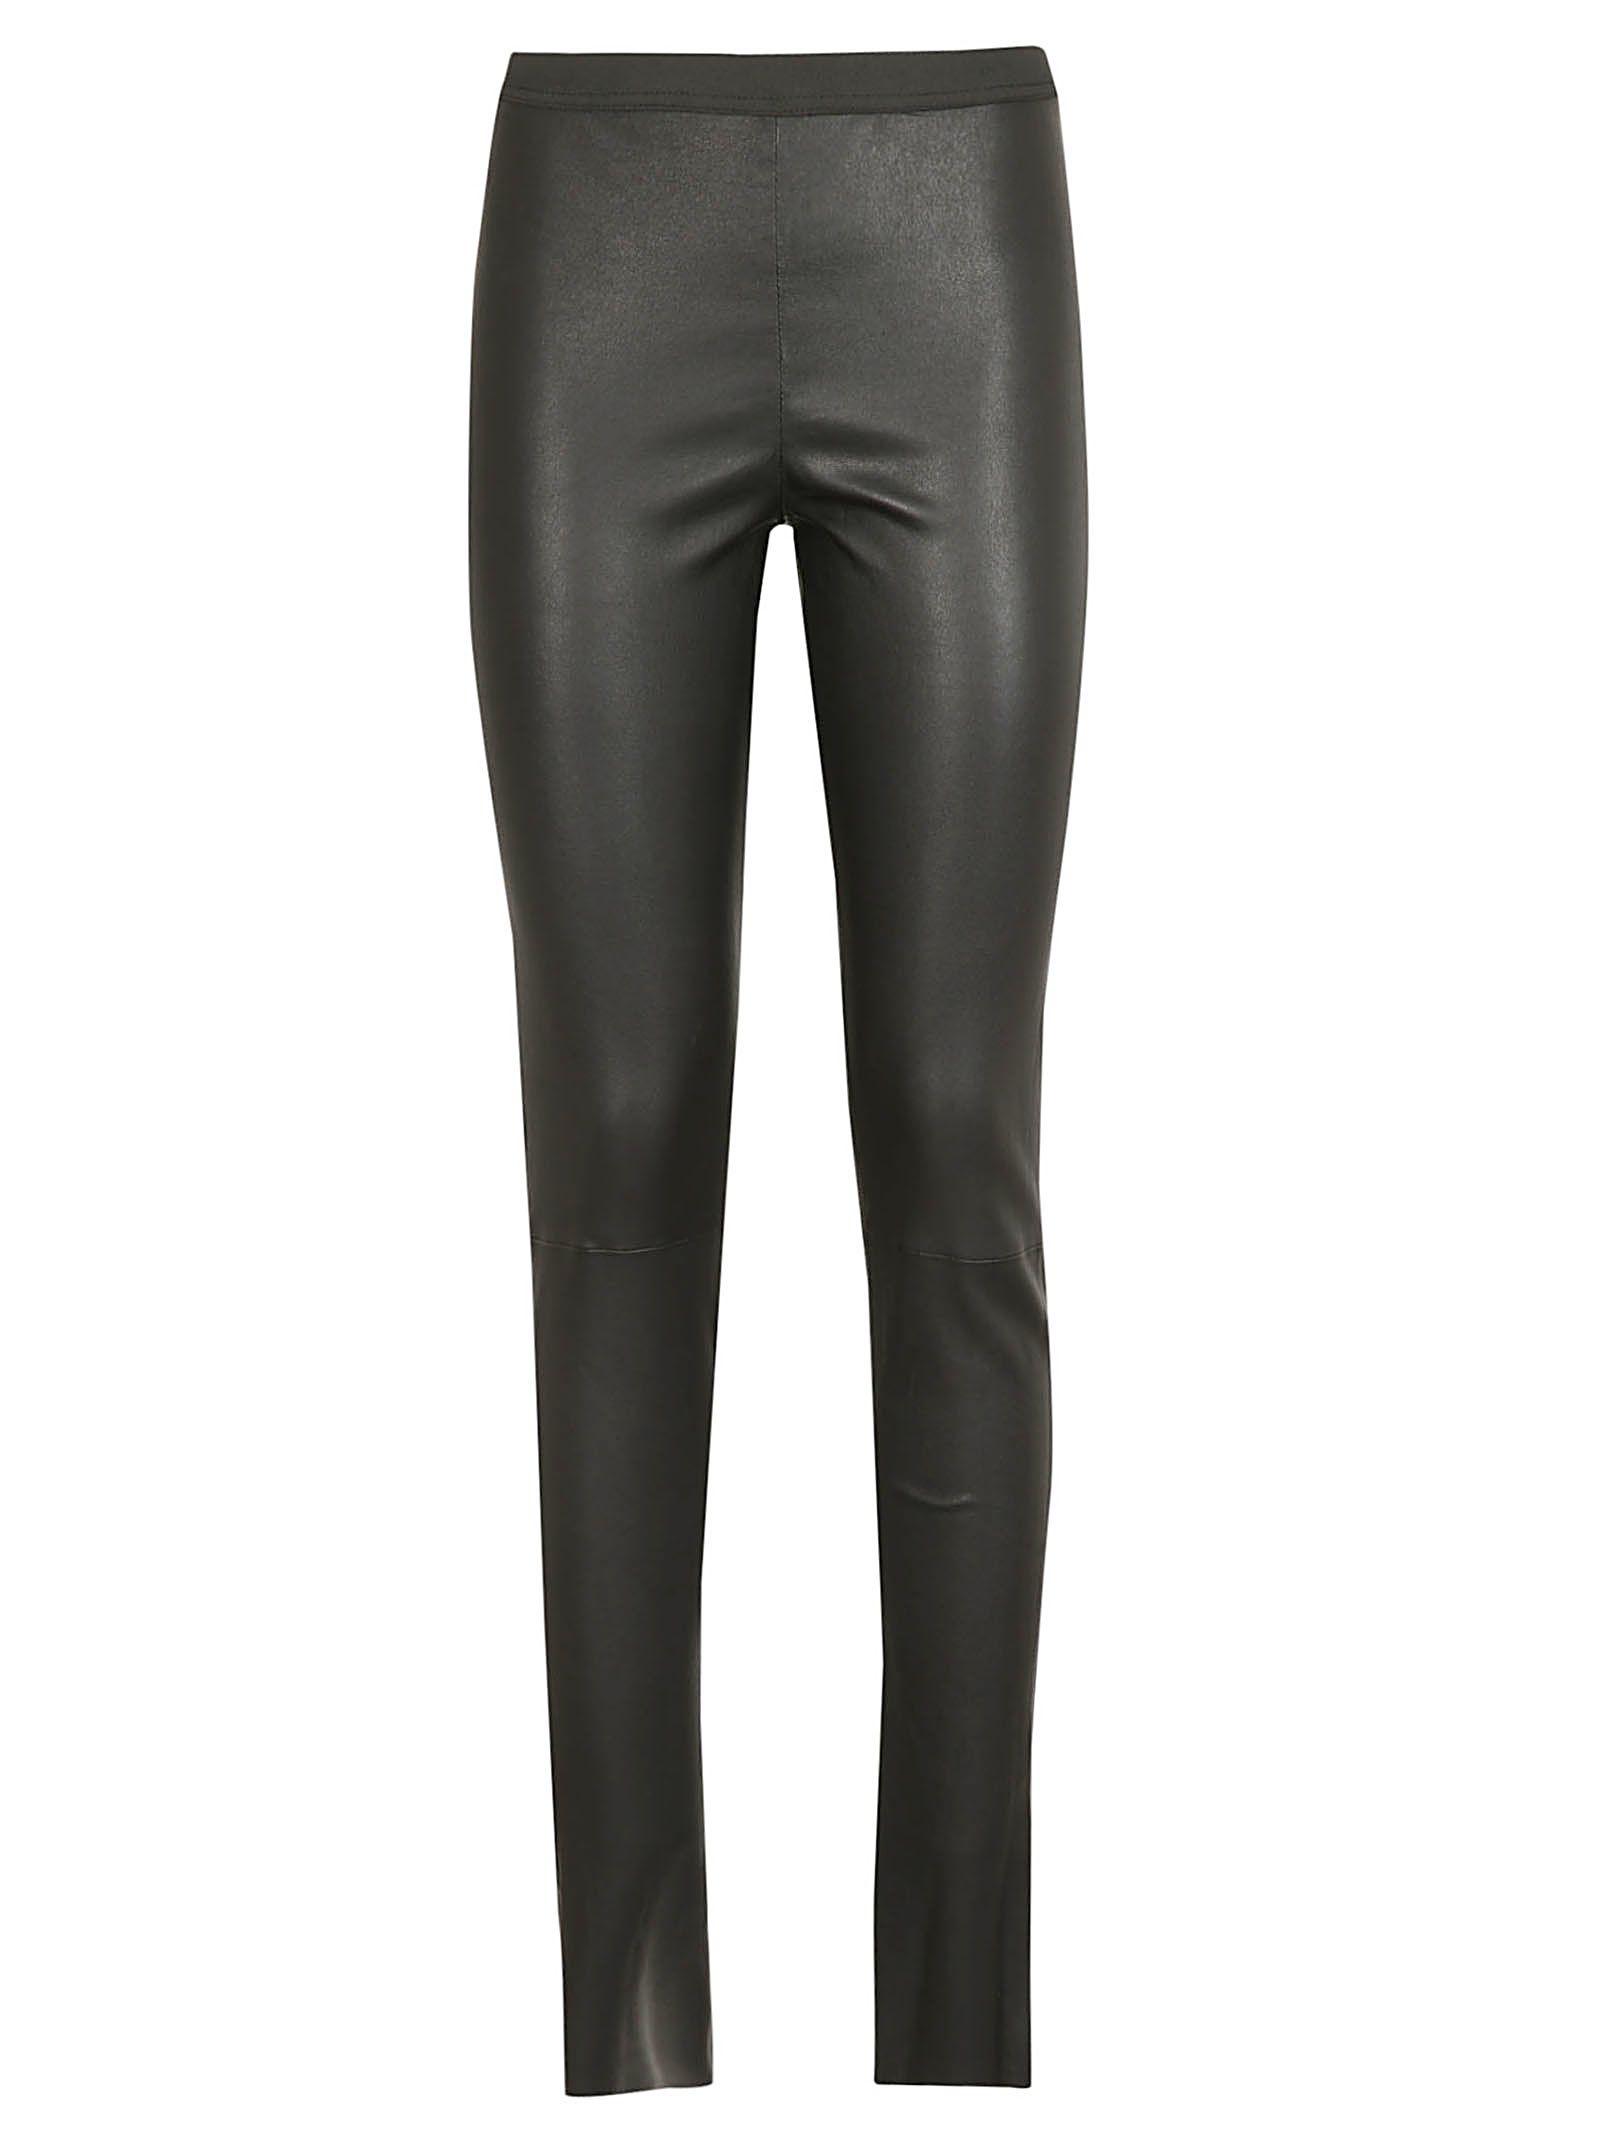 Federica Tosi Skinny Trousers